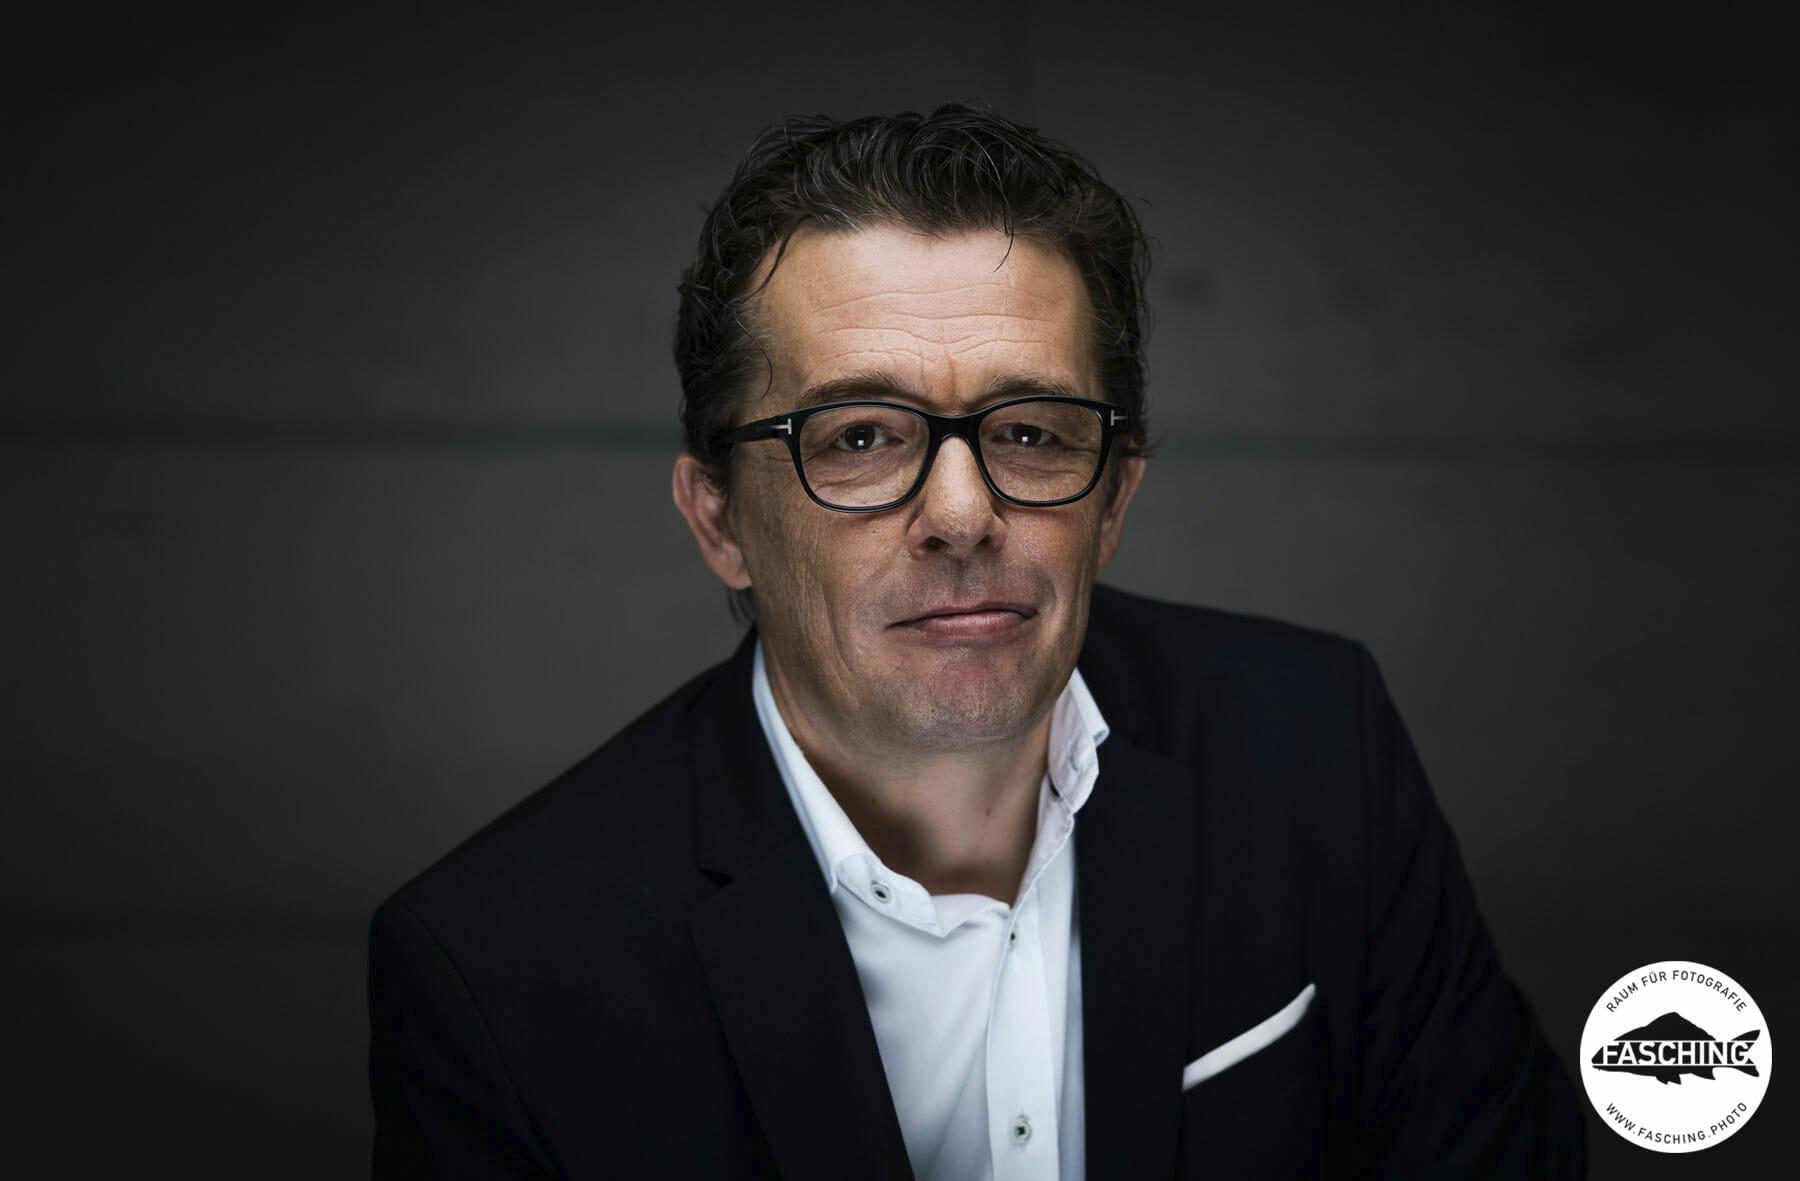 Hans Peter Metzler Businessportrait fotografiert von dem vorarlberger Fotograf Luca Fasching für die Vorarlberger Wirtschaftskammer